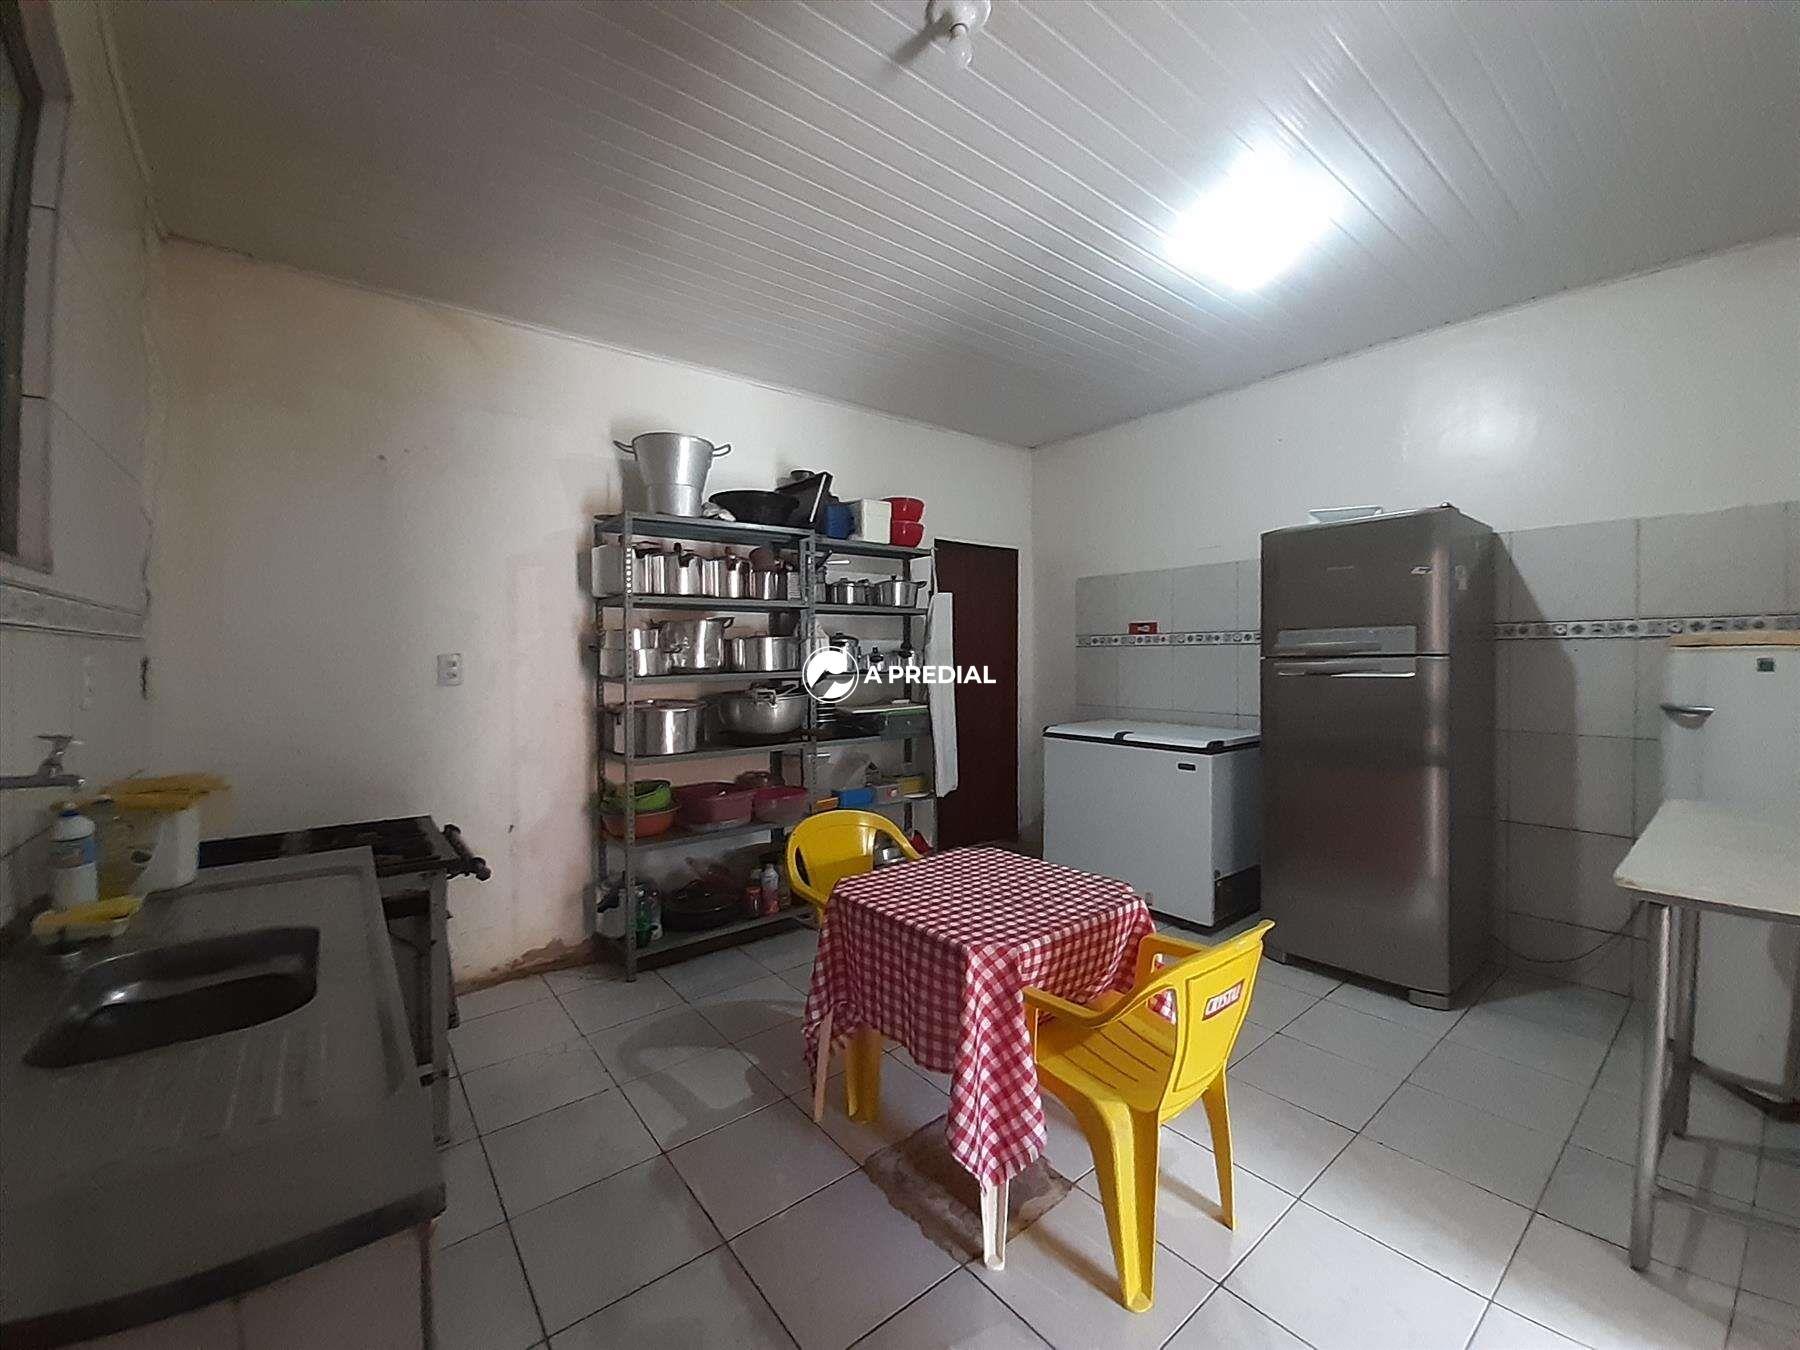 Casa à venda no Prefeito José Walter: e2a36843-9-20200718_121922.jpg